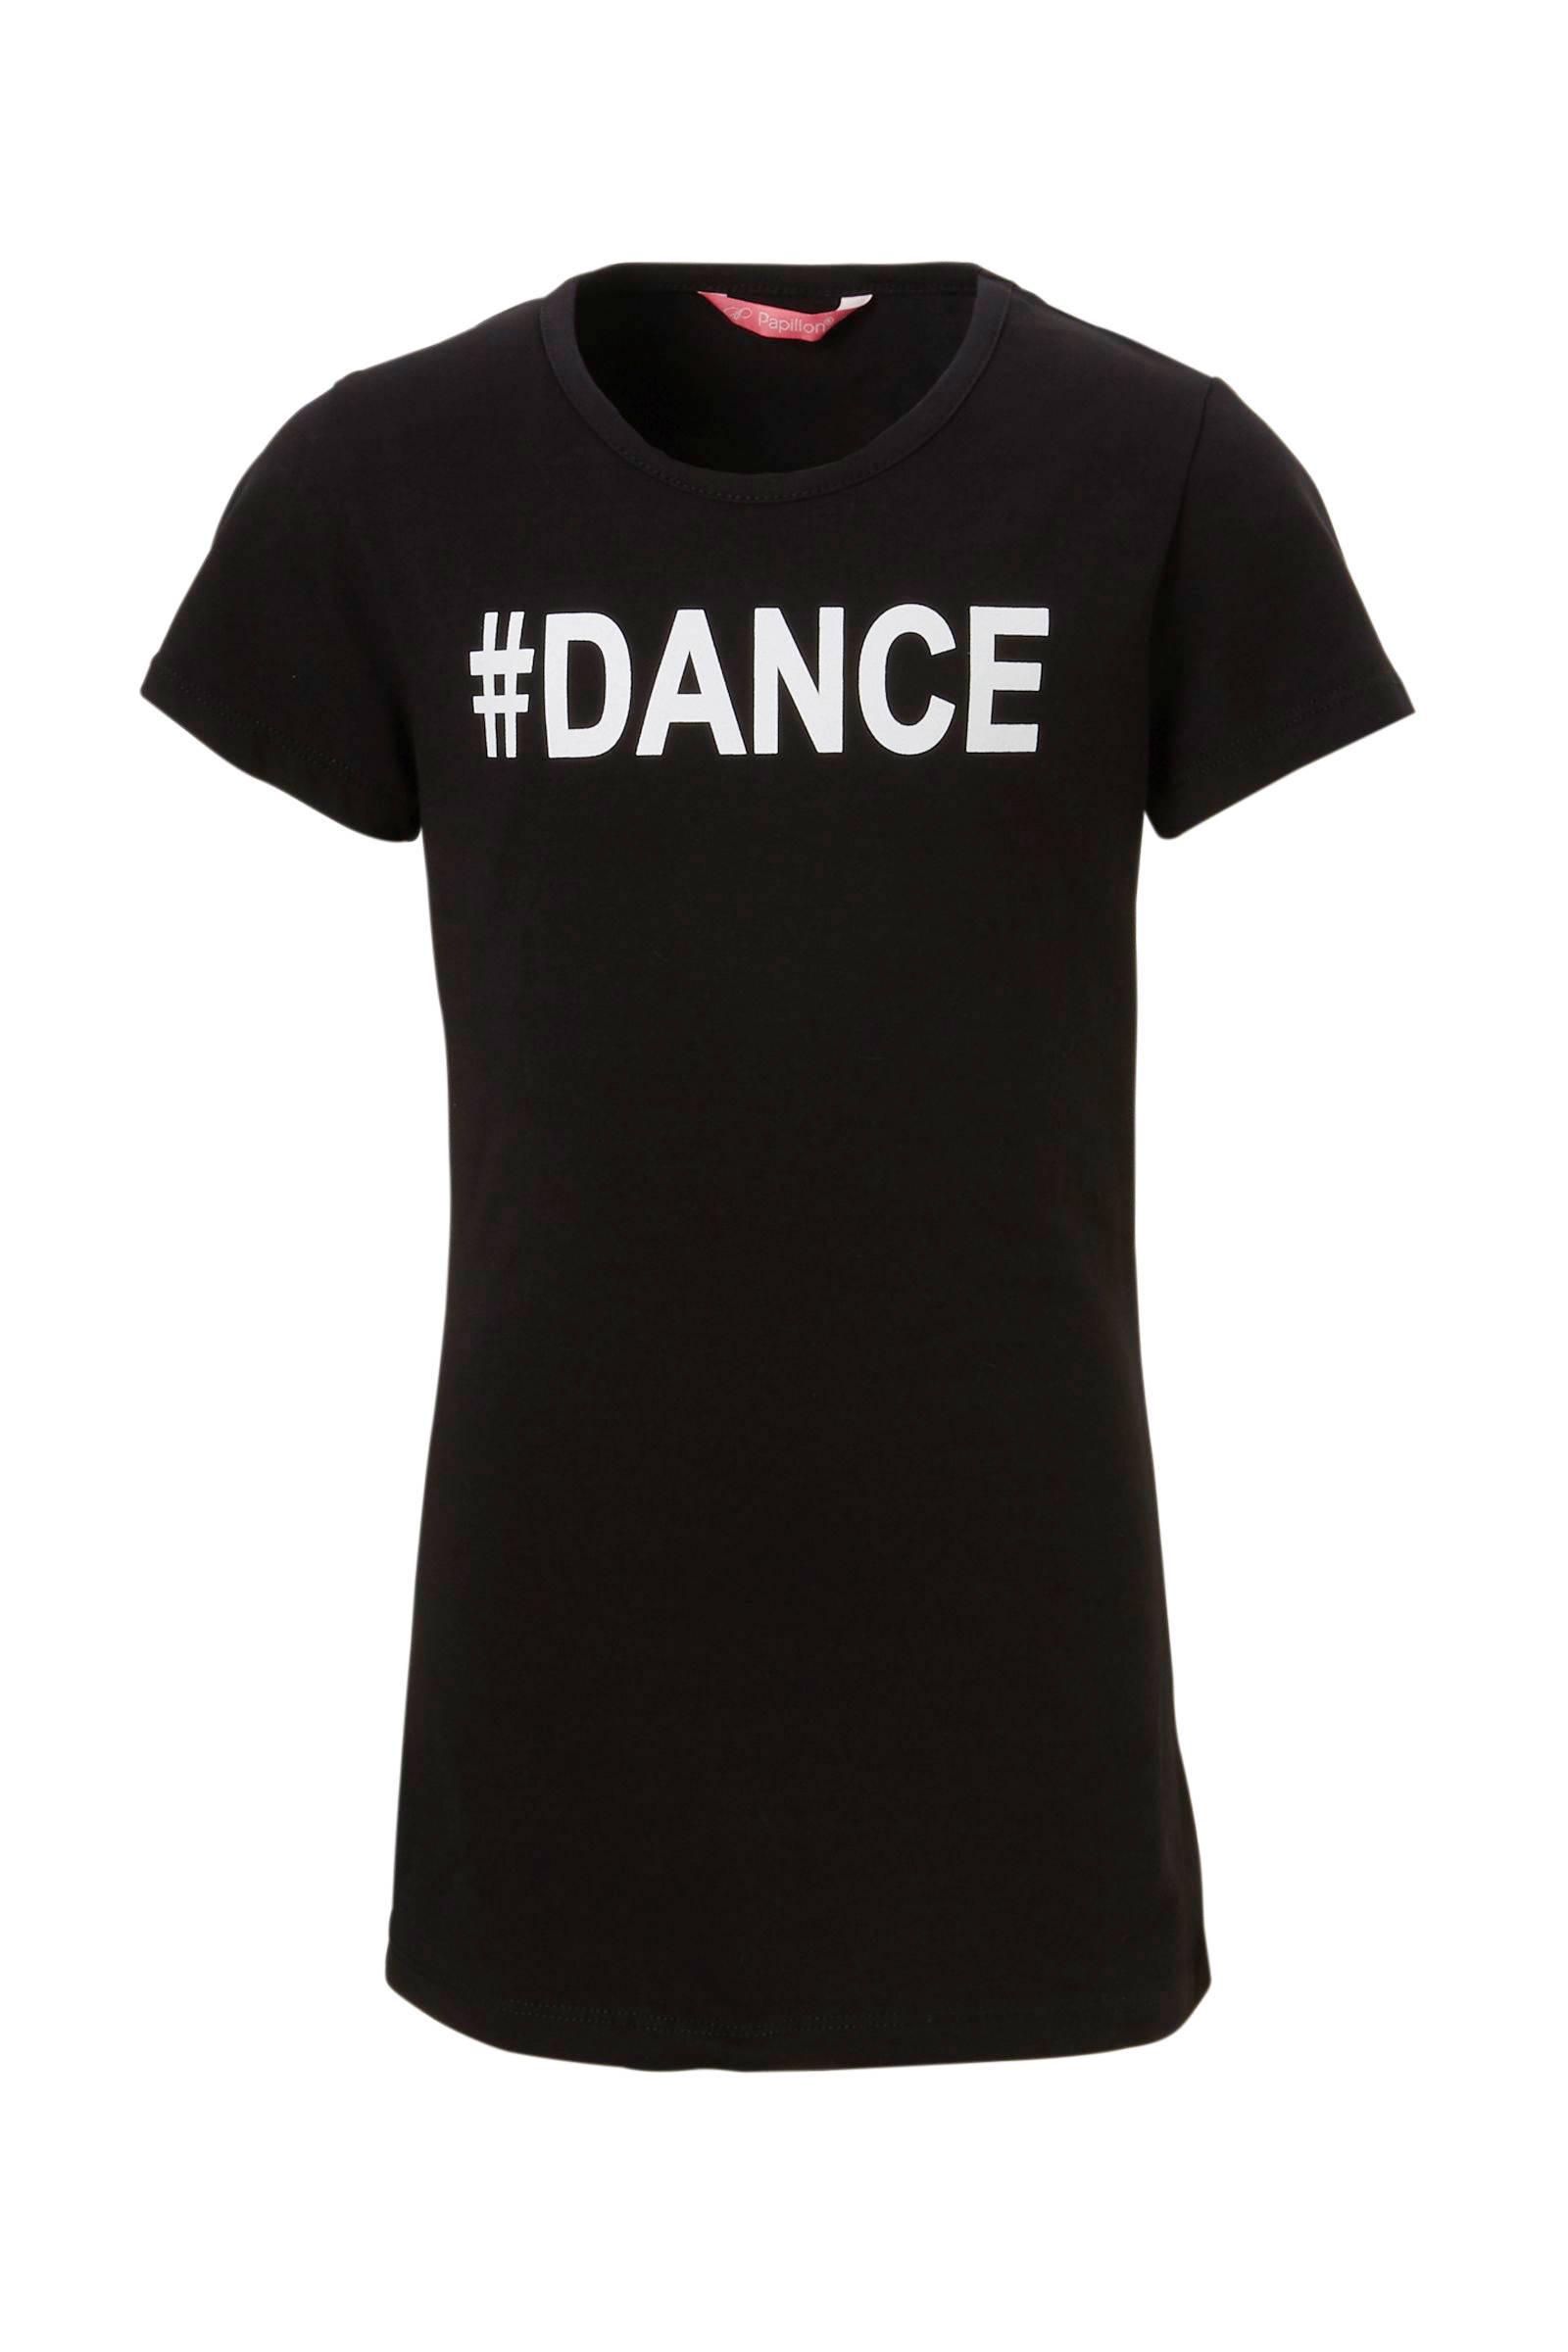 papillon-18PK2934-900-dance-shirt-voor-kinderen